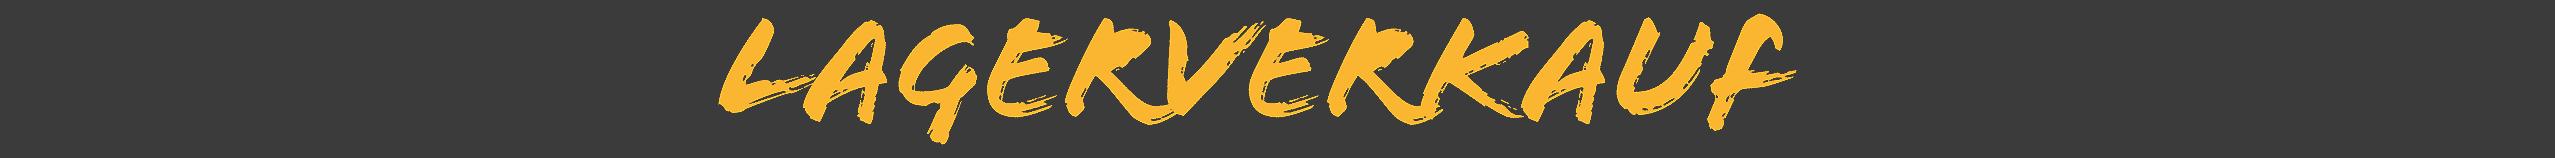 Gartenmöbel - Lagerverkauf, Rabatte, Sale, Prozente, Angebote, Outlet, Angebote, Gartenmöbel; Lounge; Loungemöbel; Hamburg, Bremen, Lüneburg, Winsen, Mölln, Harburg